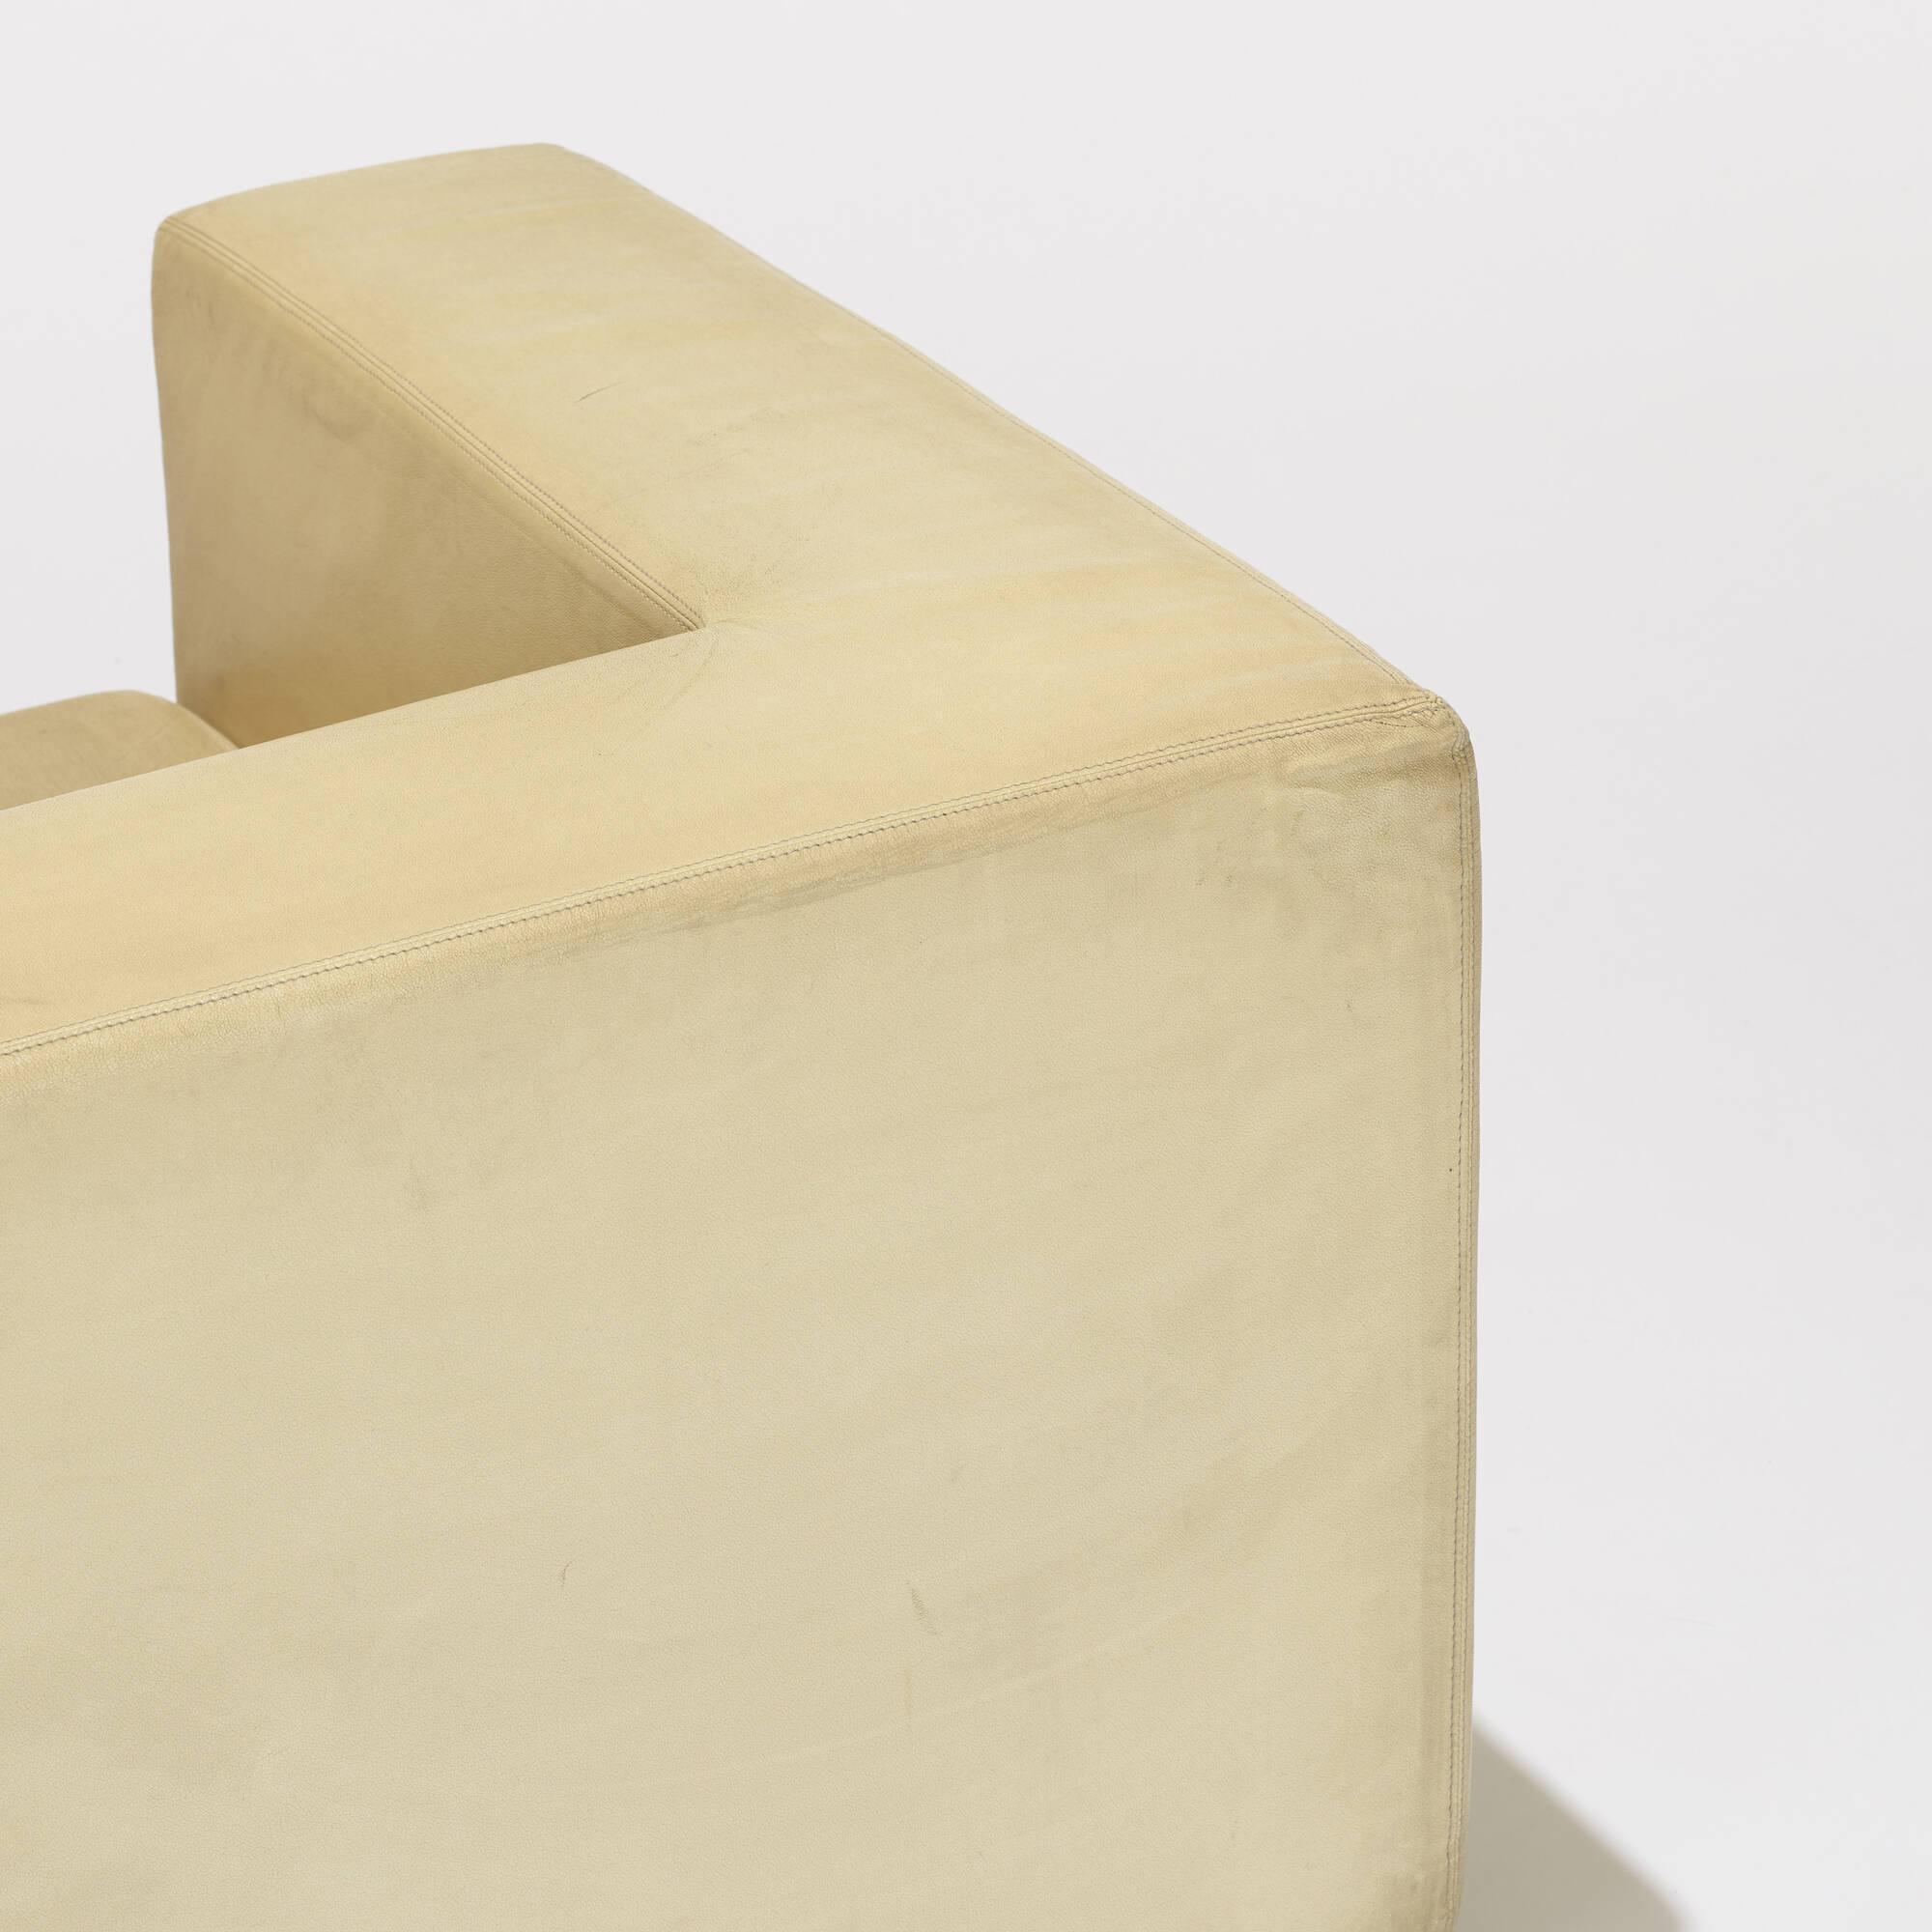 197: Willie Landels / Throwaway lounge chair (3 of 4)